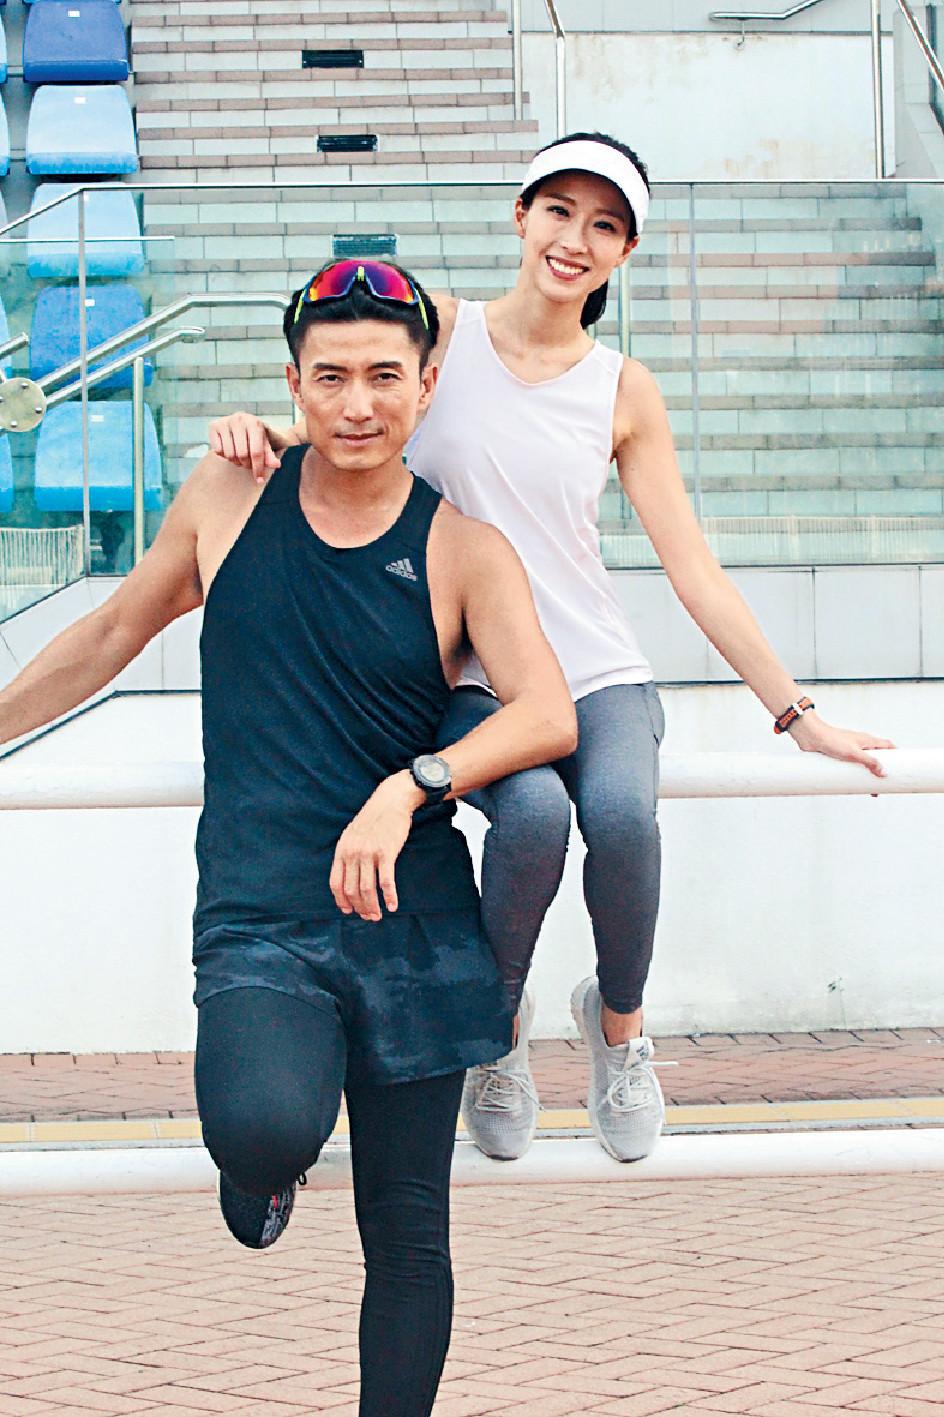 再做男一 ■陳山聰同老友姚子羚在新劇《大步走》狽重飛,前者男一位置非常穩固。